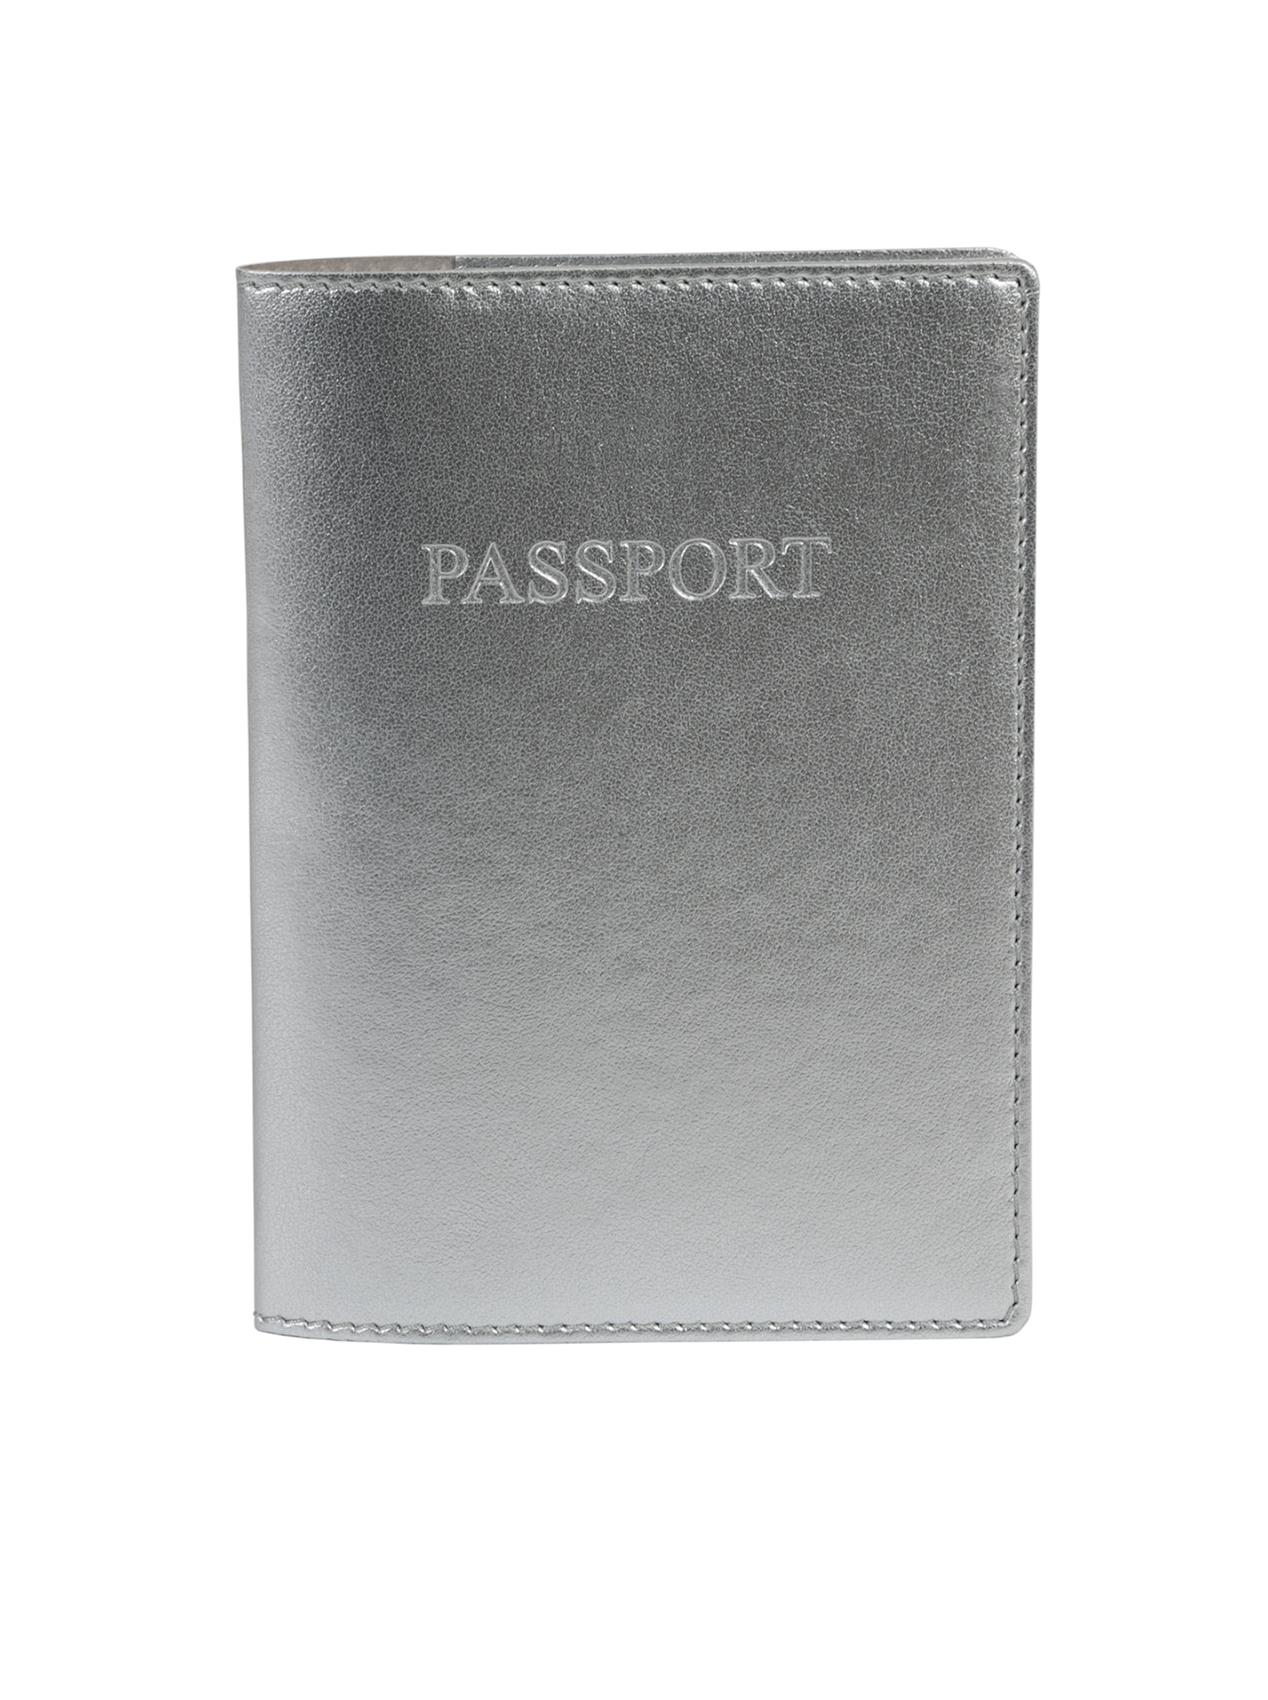 A4102-S - SILVER Passport Holder